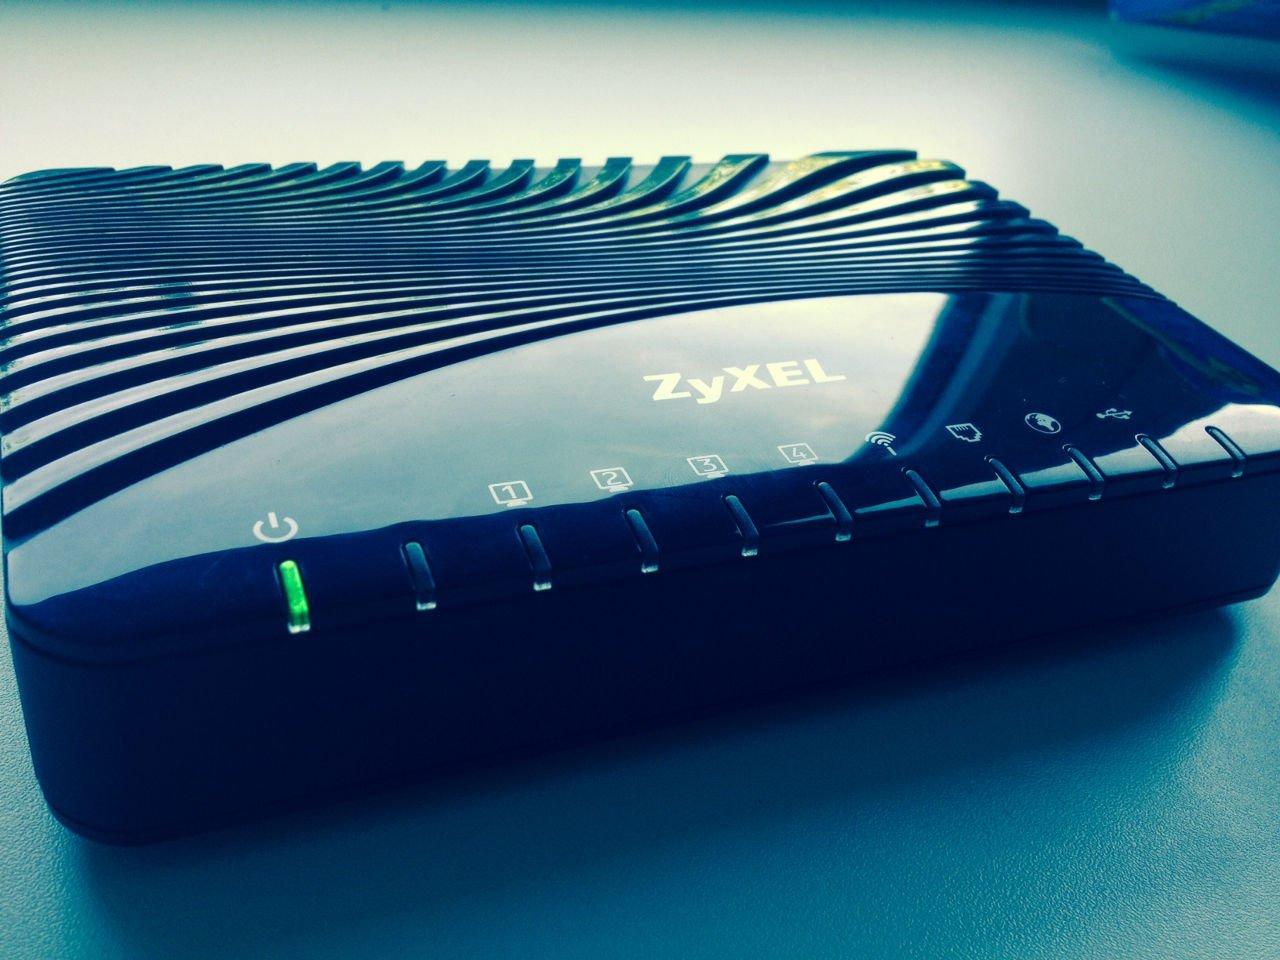 VDSL-Zugang mit ZyXEL VMG1312-B30A Modem und OpnSense Firewall